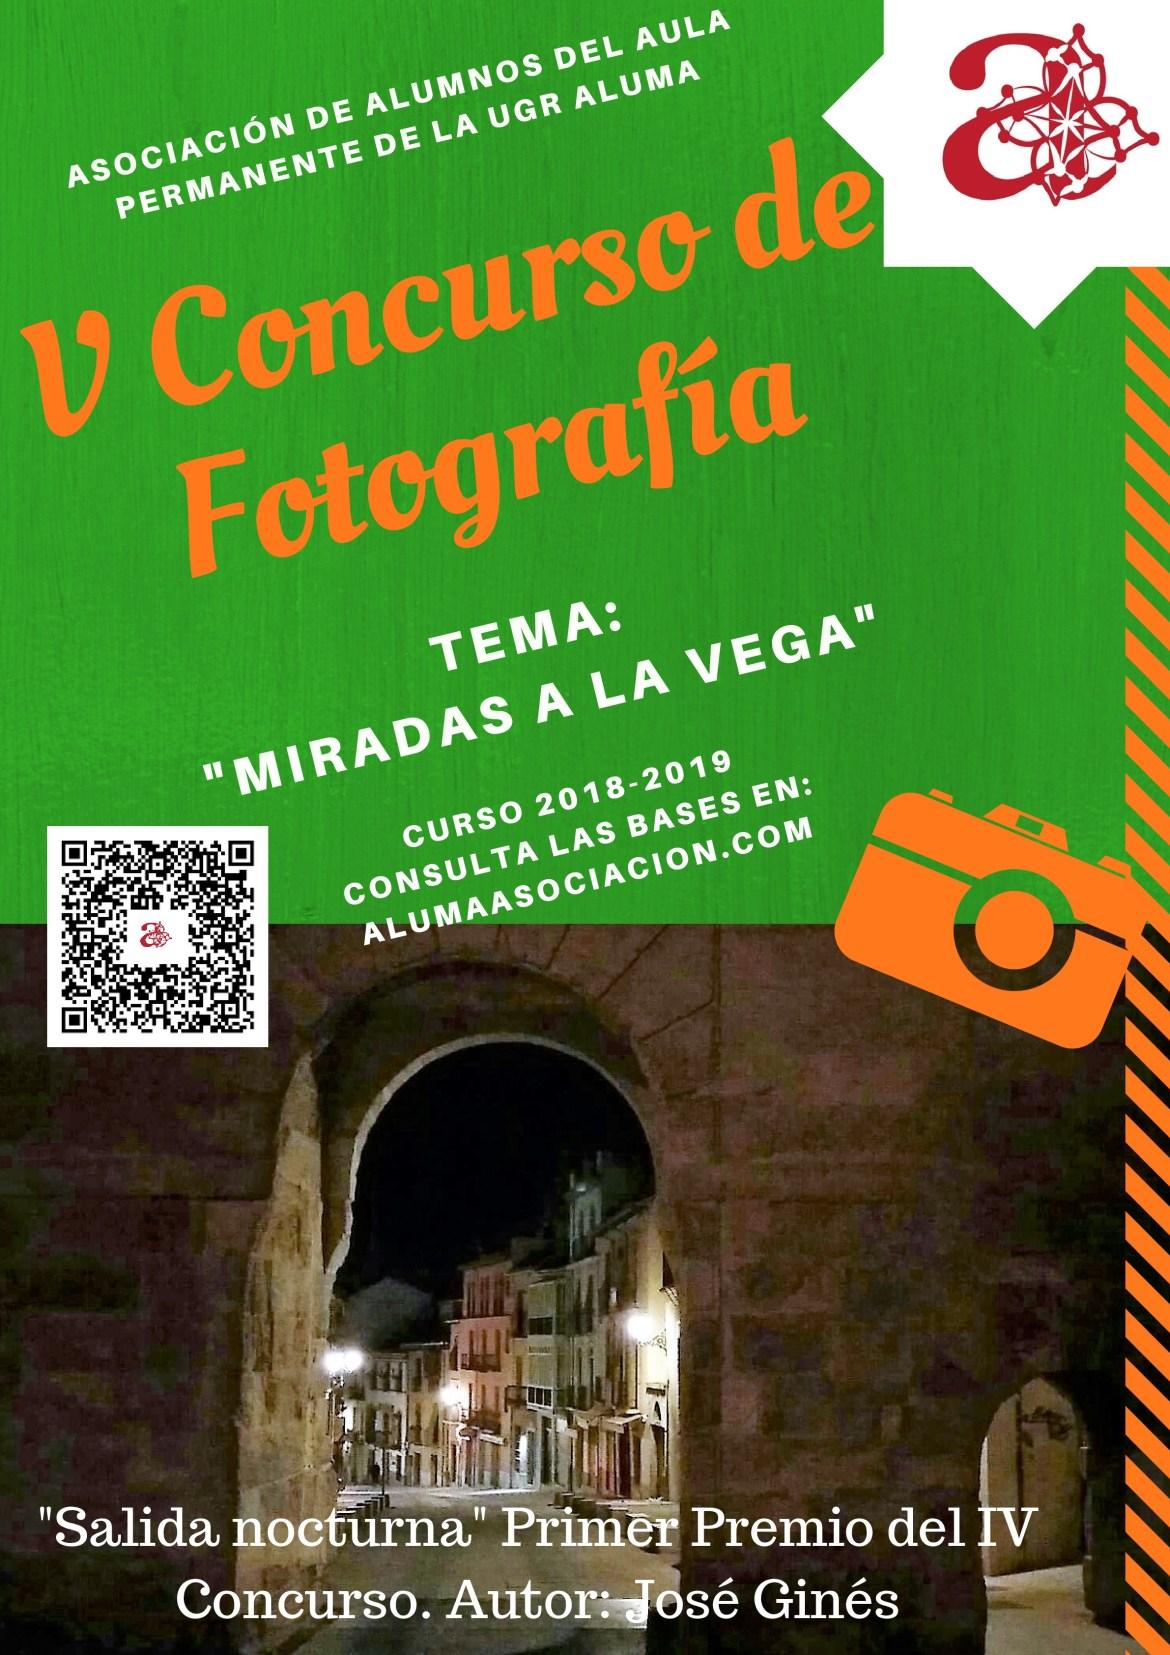 V Concurso de Fotografía-001